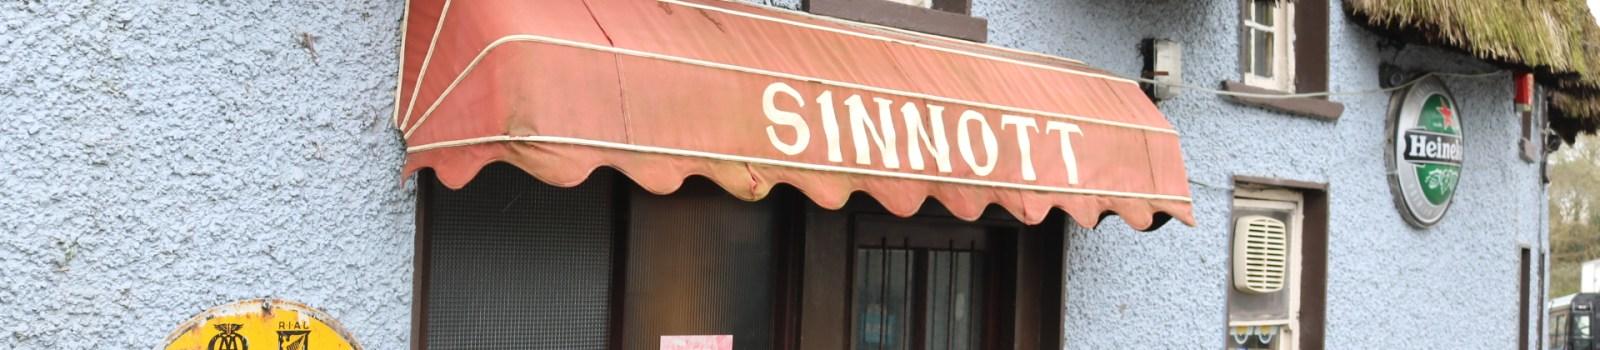 Sinnotts Bar Duncormick